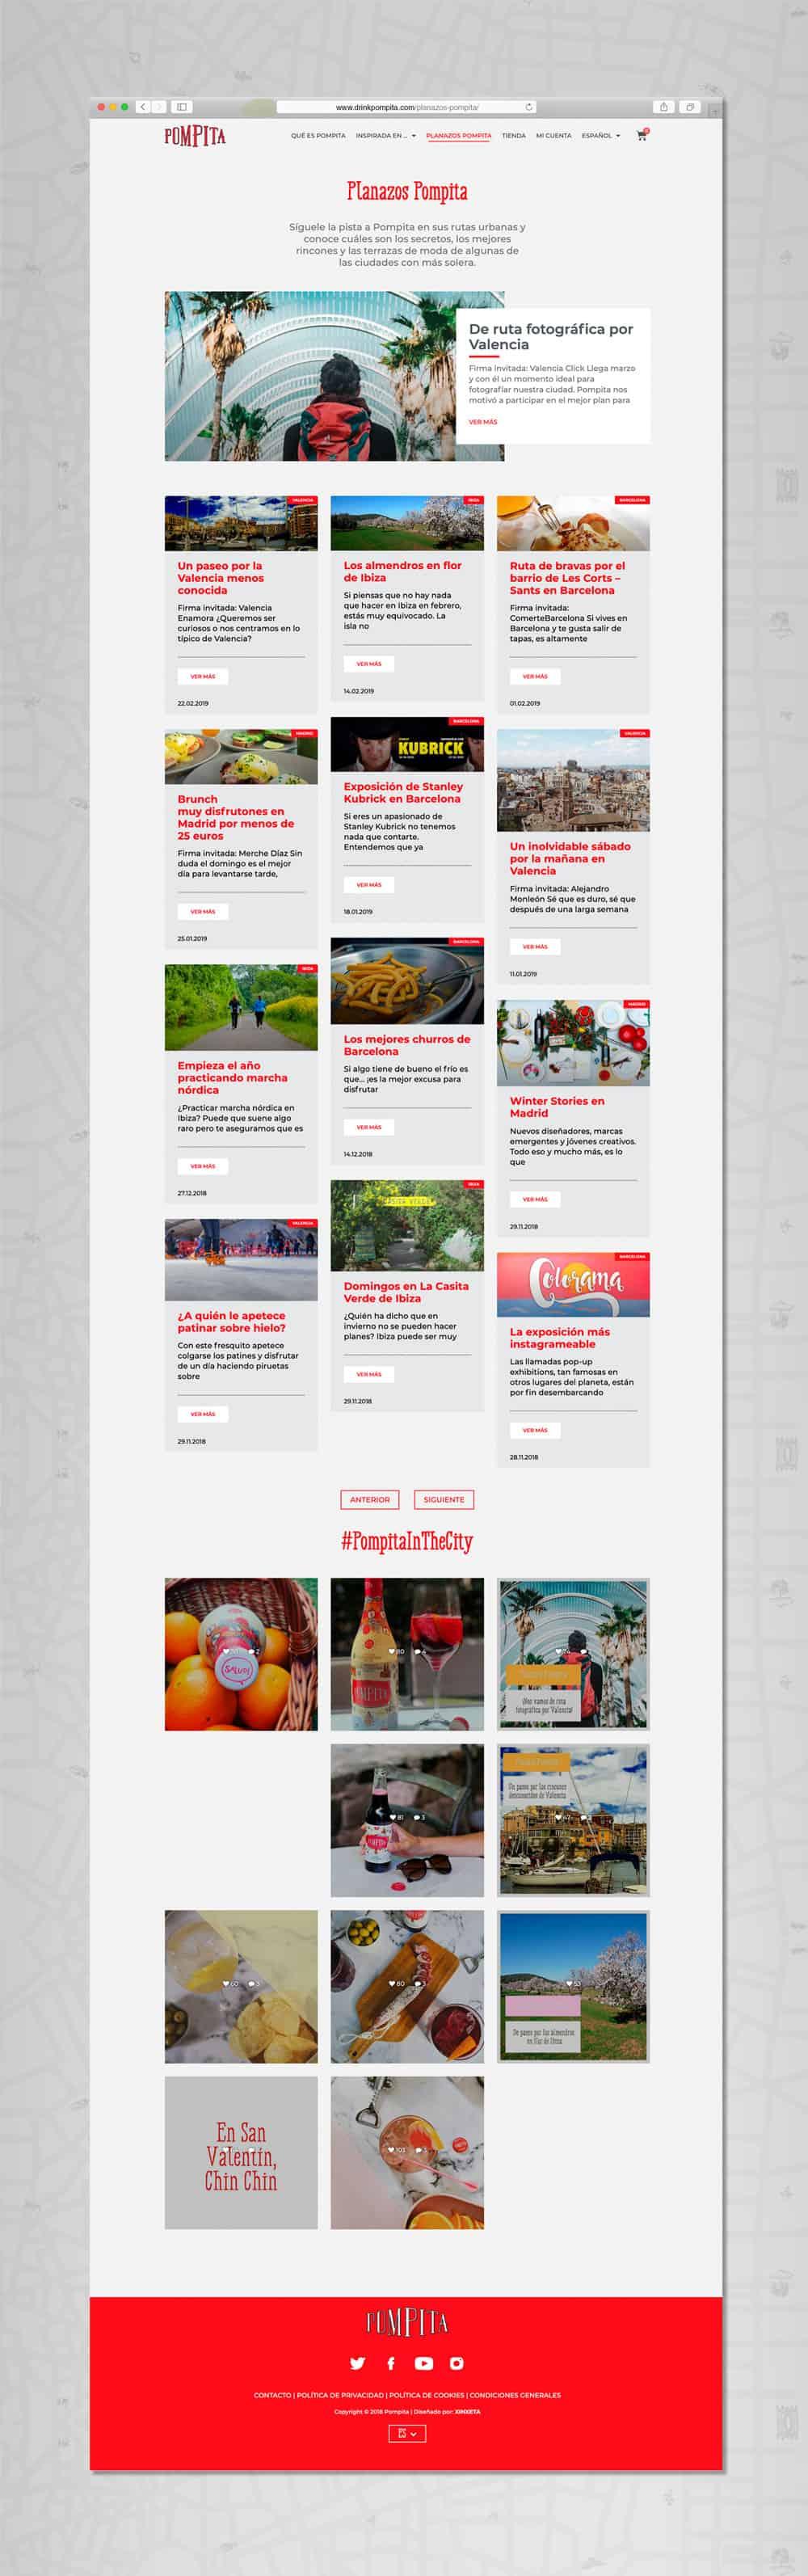 Pompita - Versión web Planazos Pompita